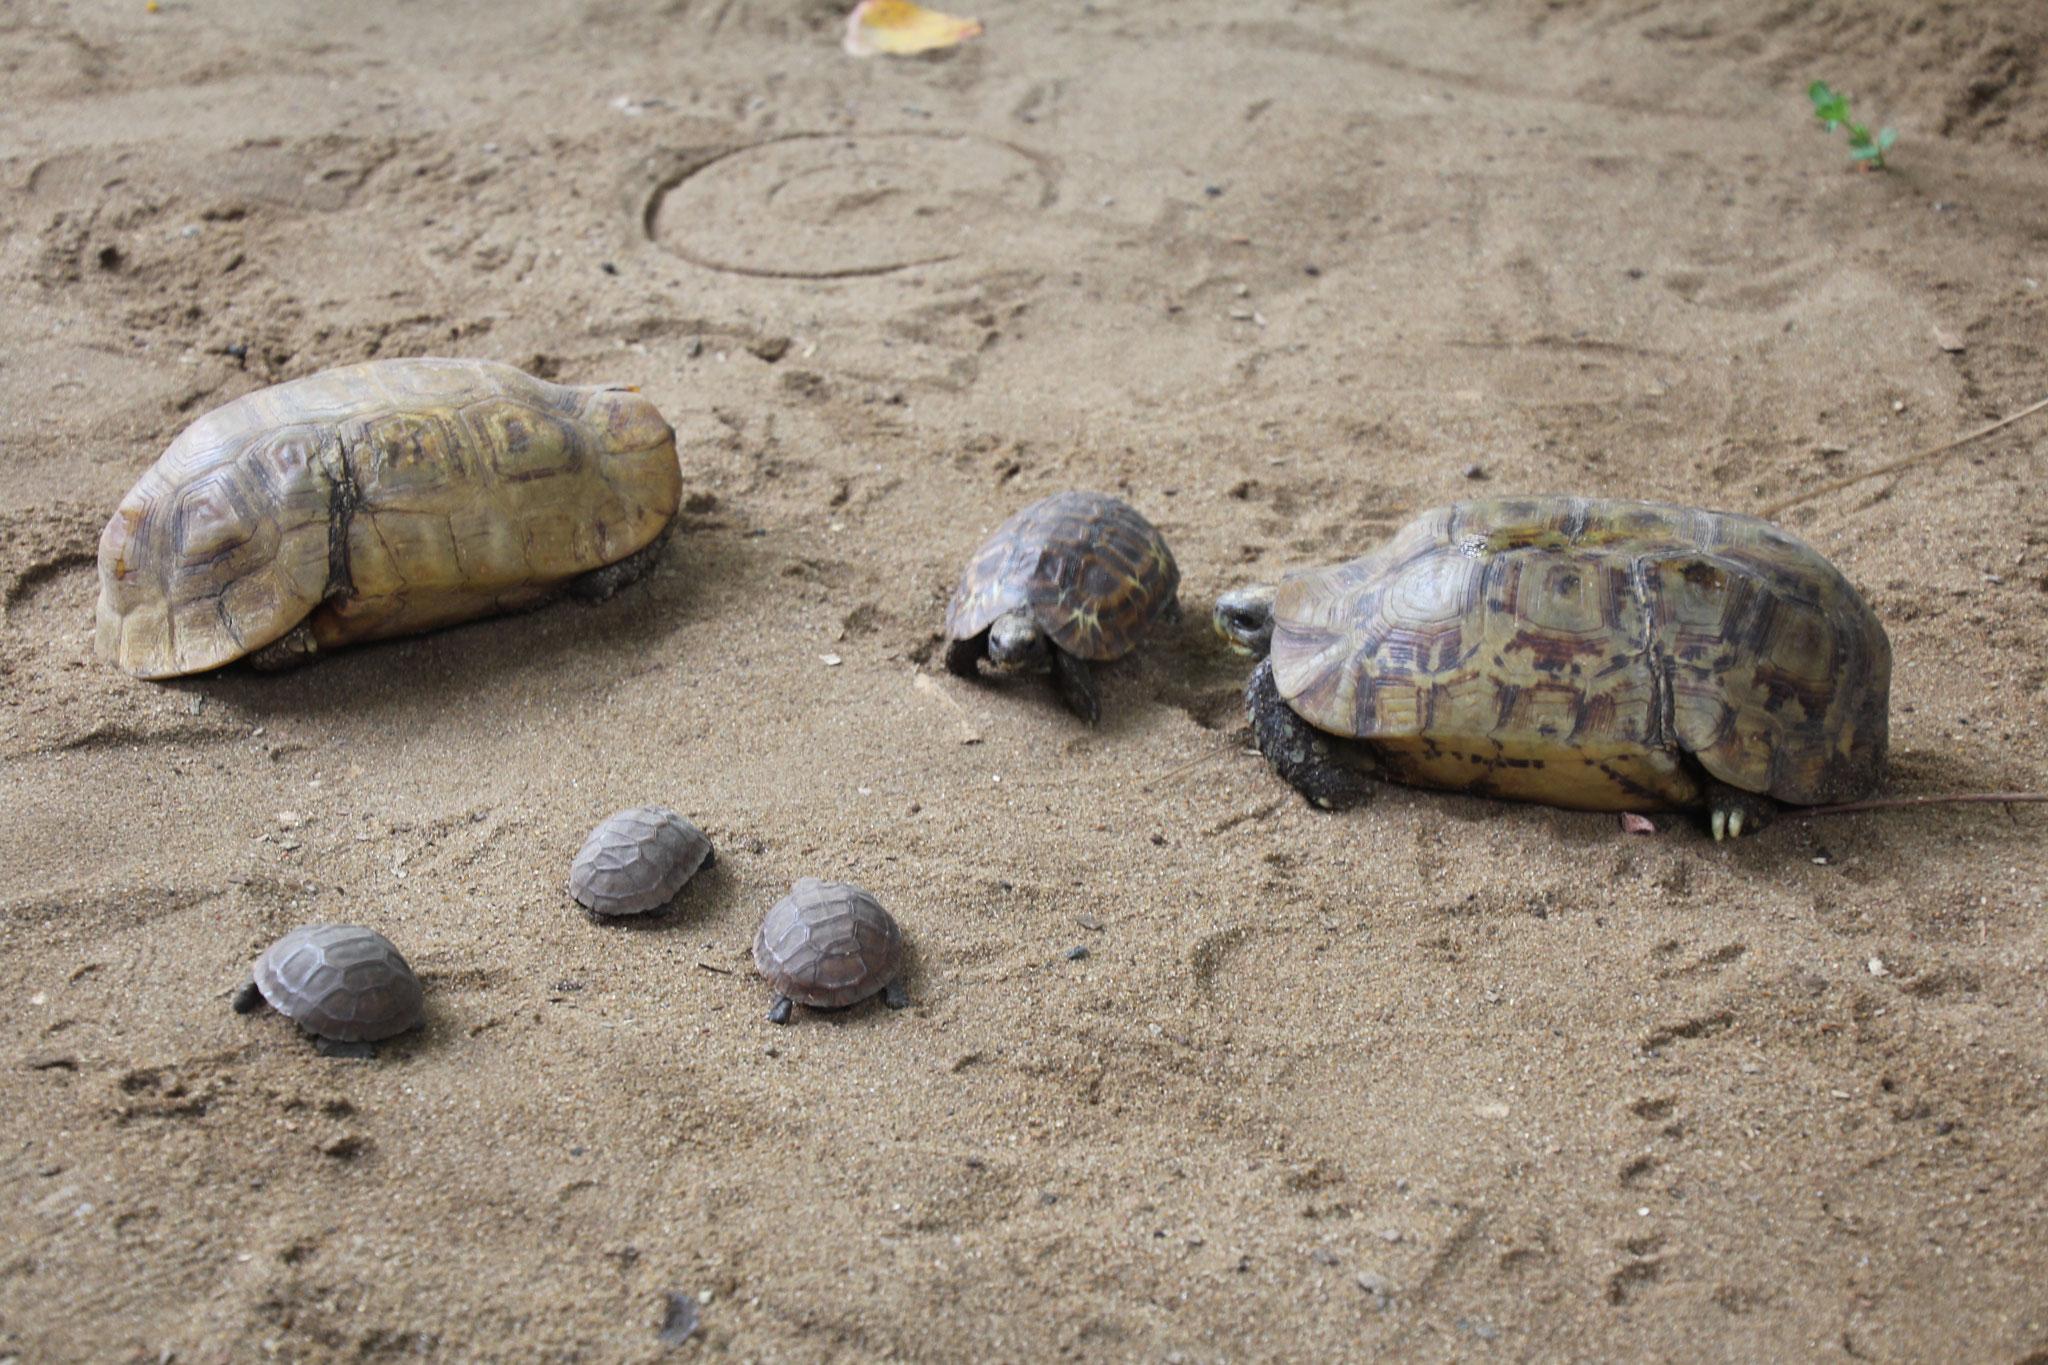 17. Schildkrötenfamilie oben links ist der Vater.